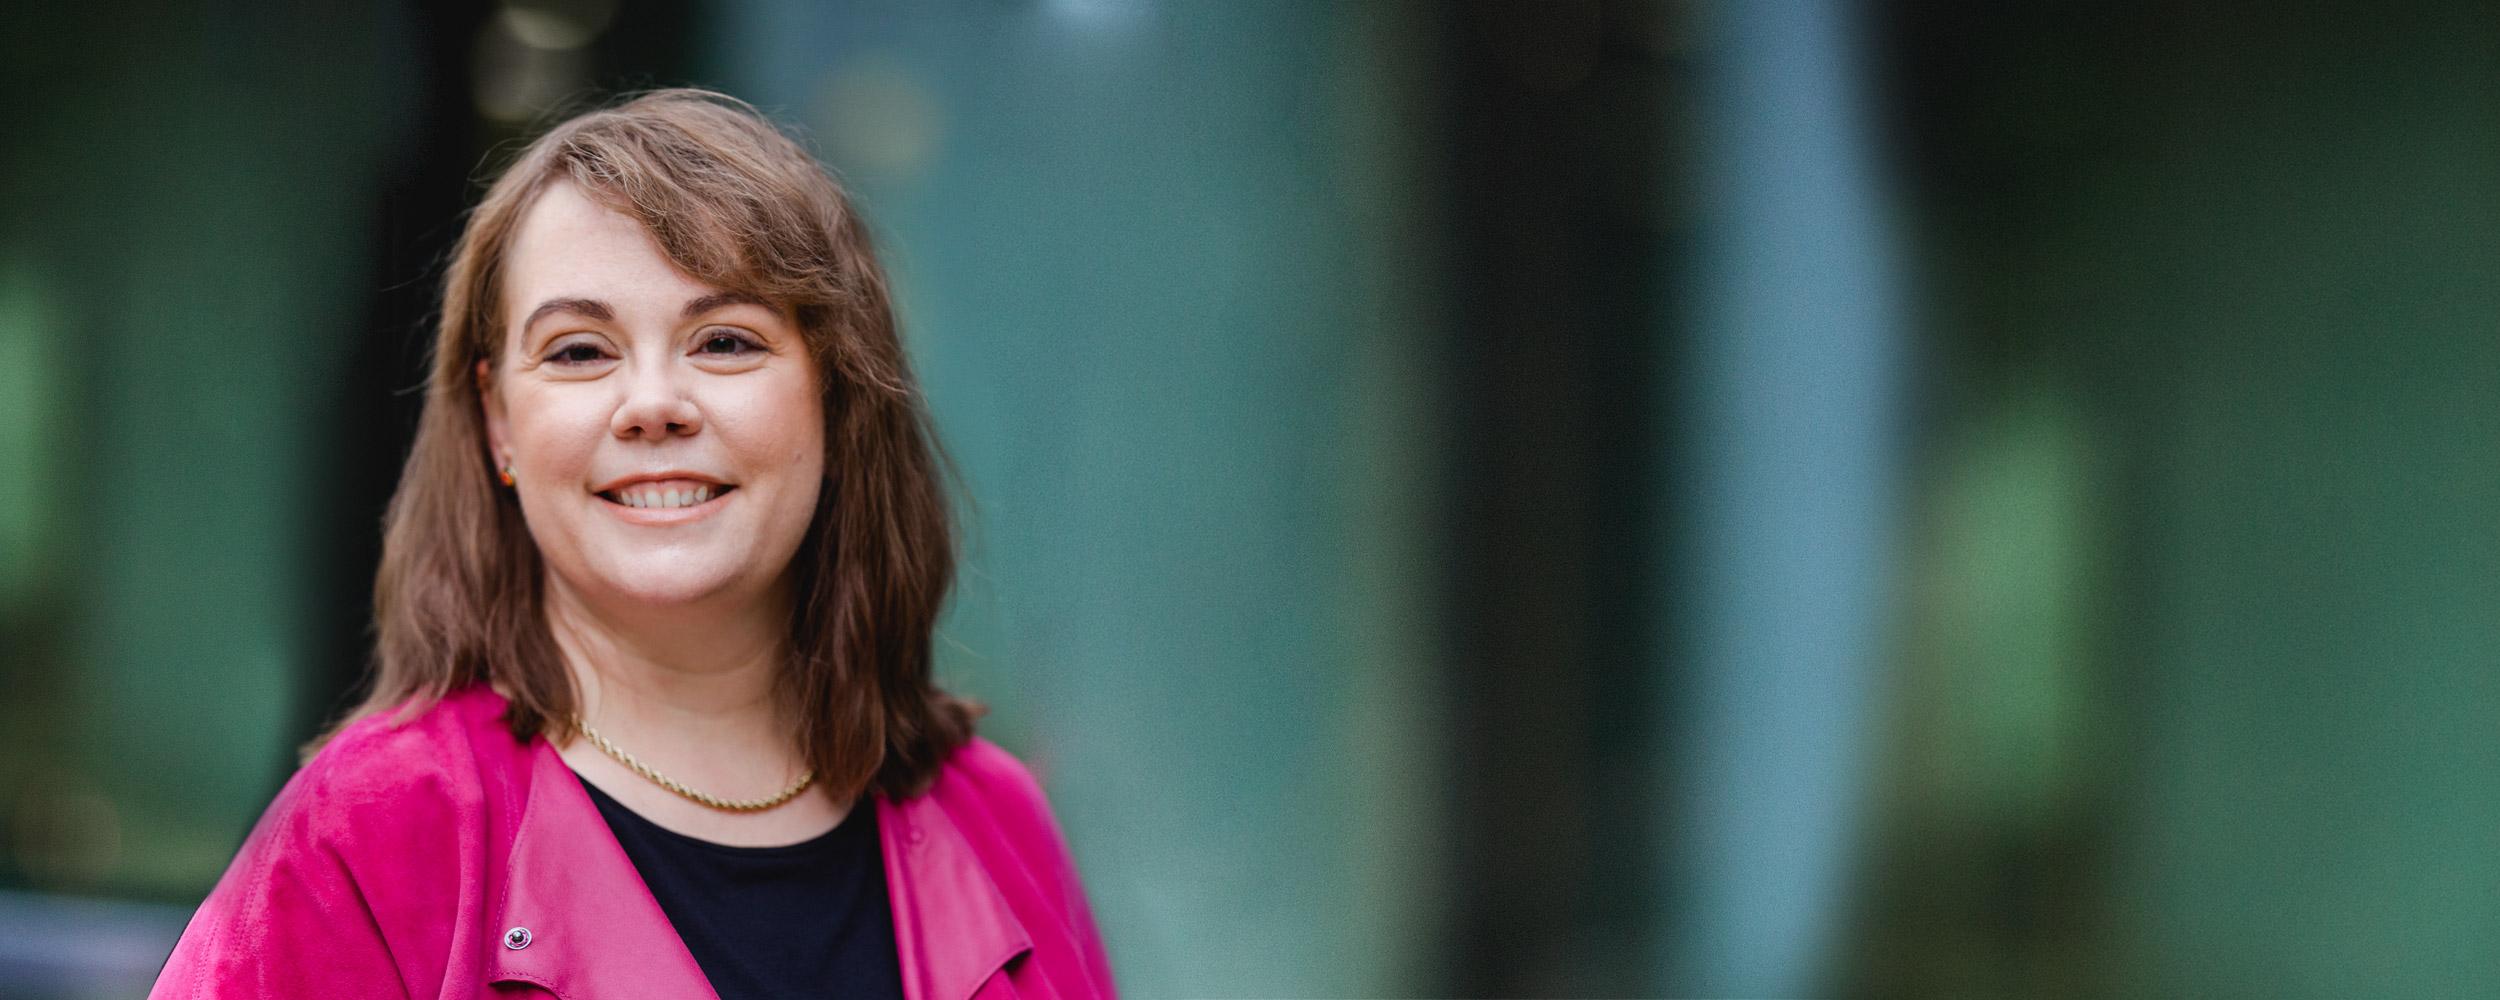 Dr Patricia Kunz Wien – Fachärztin für Psychiatrie und Psychotherapeutische Medizin